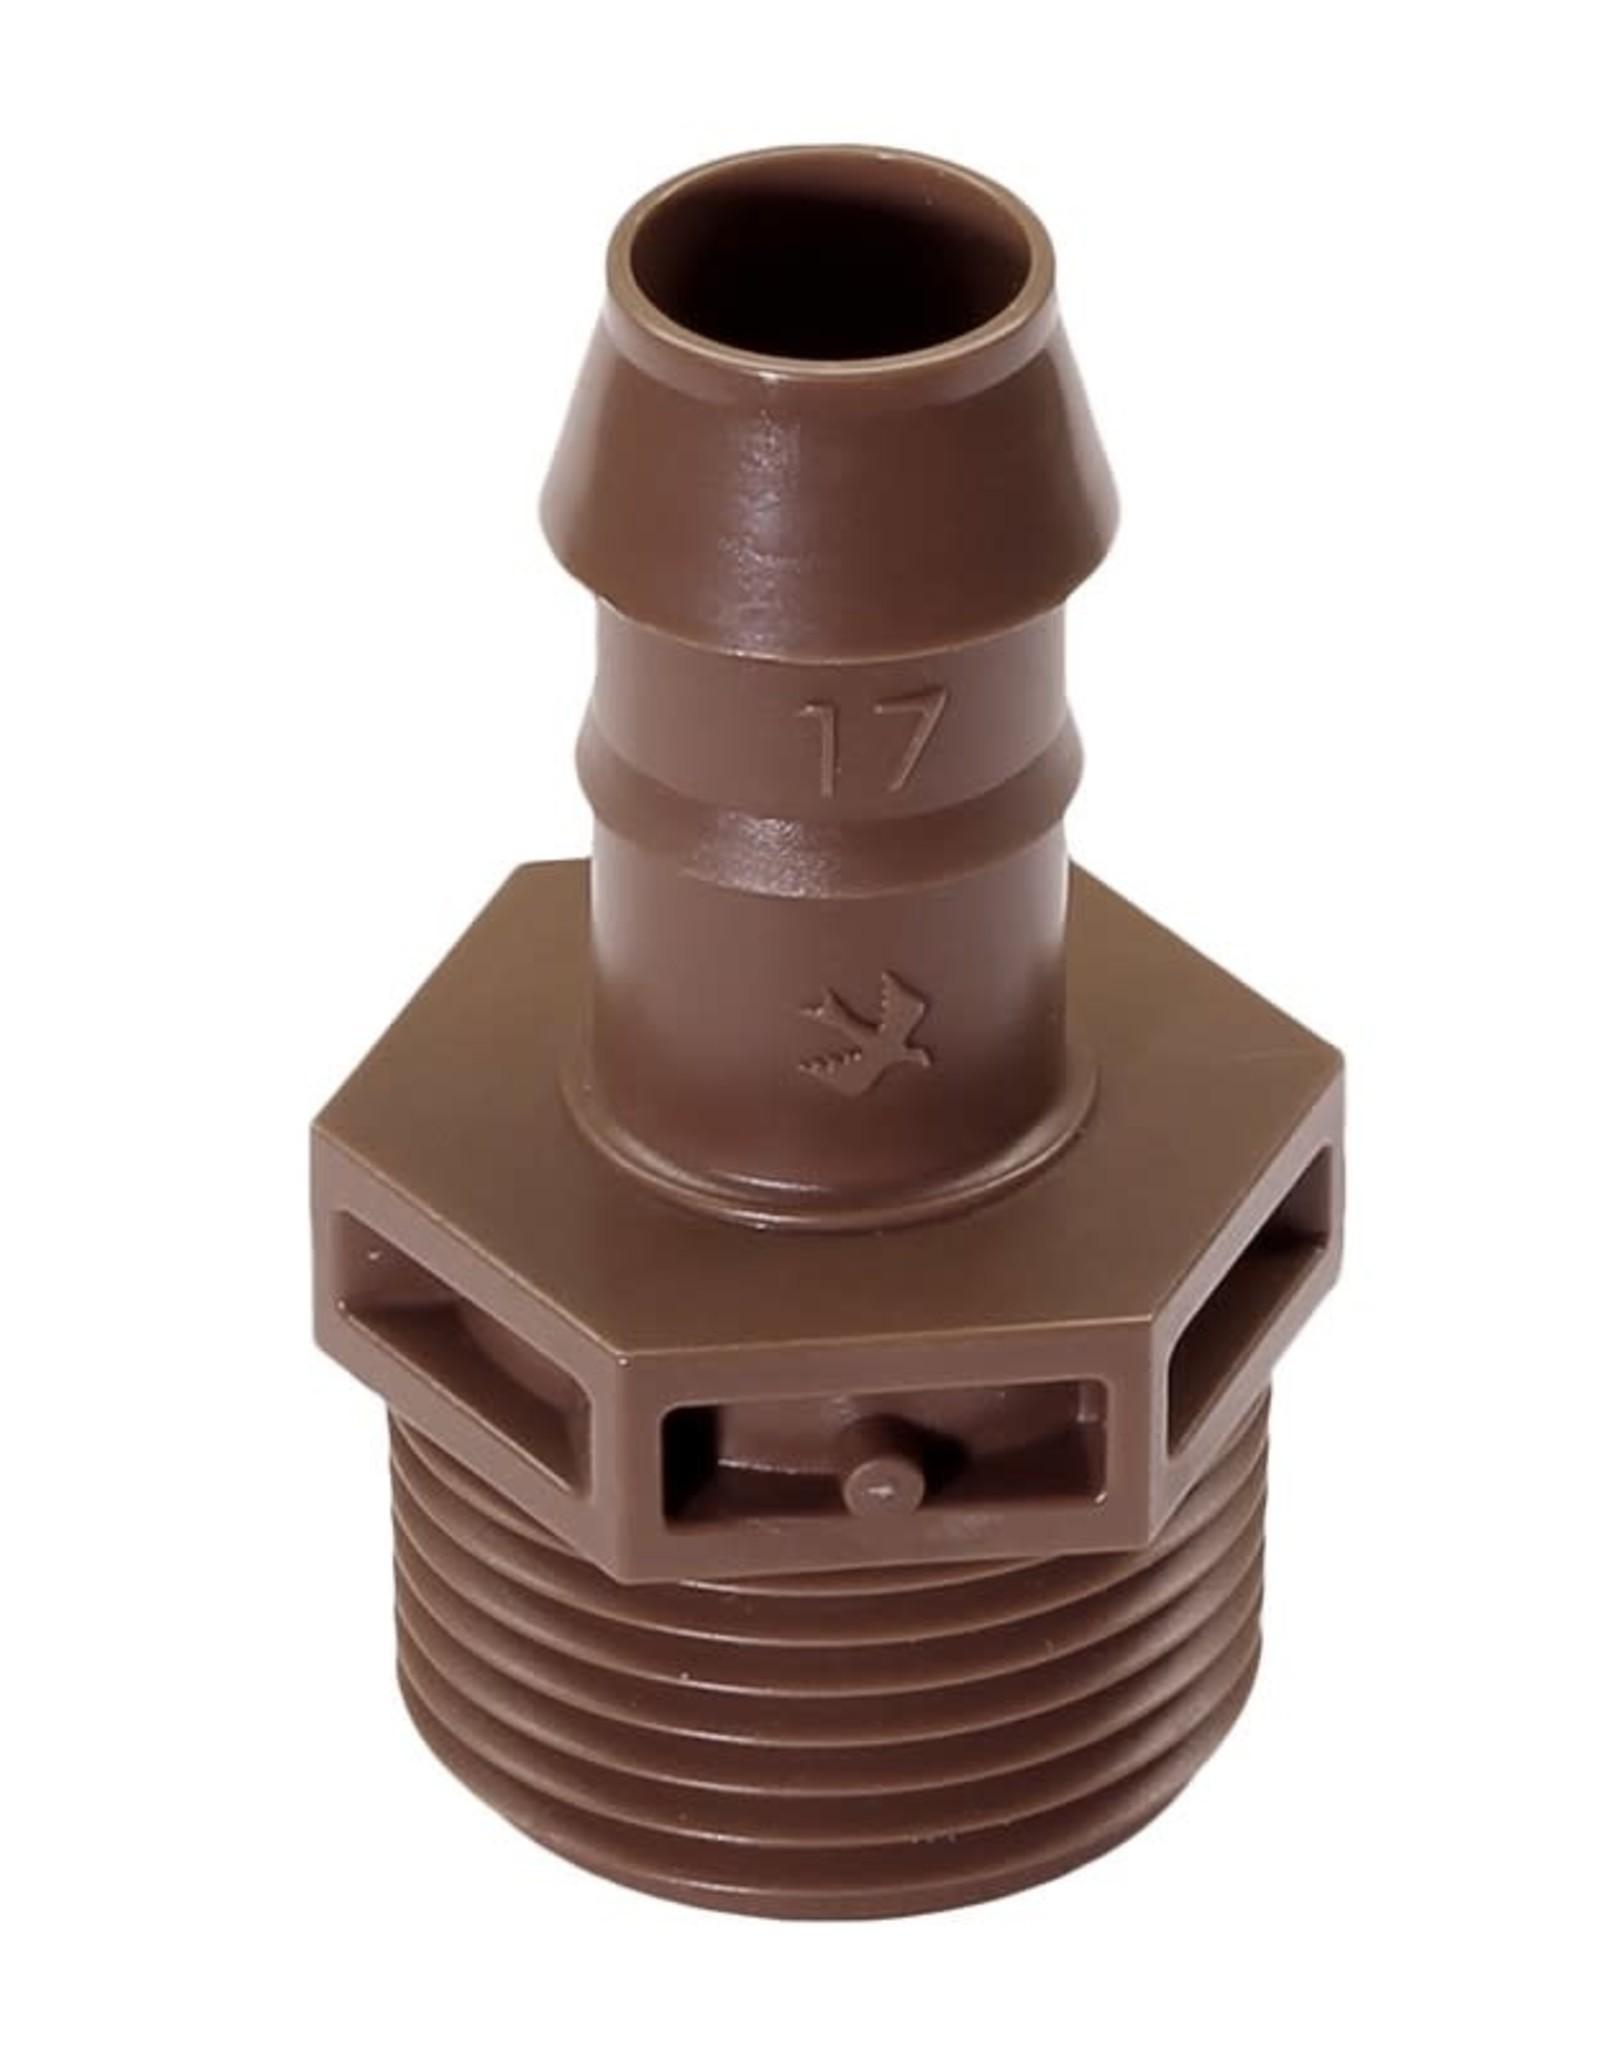 Rain Bird Rain Bird XF Male Adapter 17 mm x 3/4 in. Barb x MIPT (25 Pack)